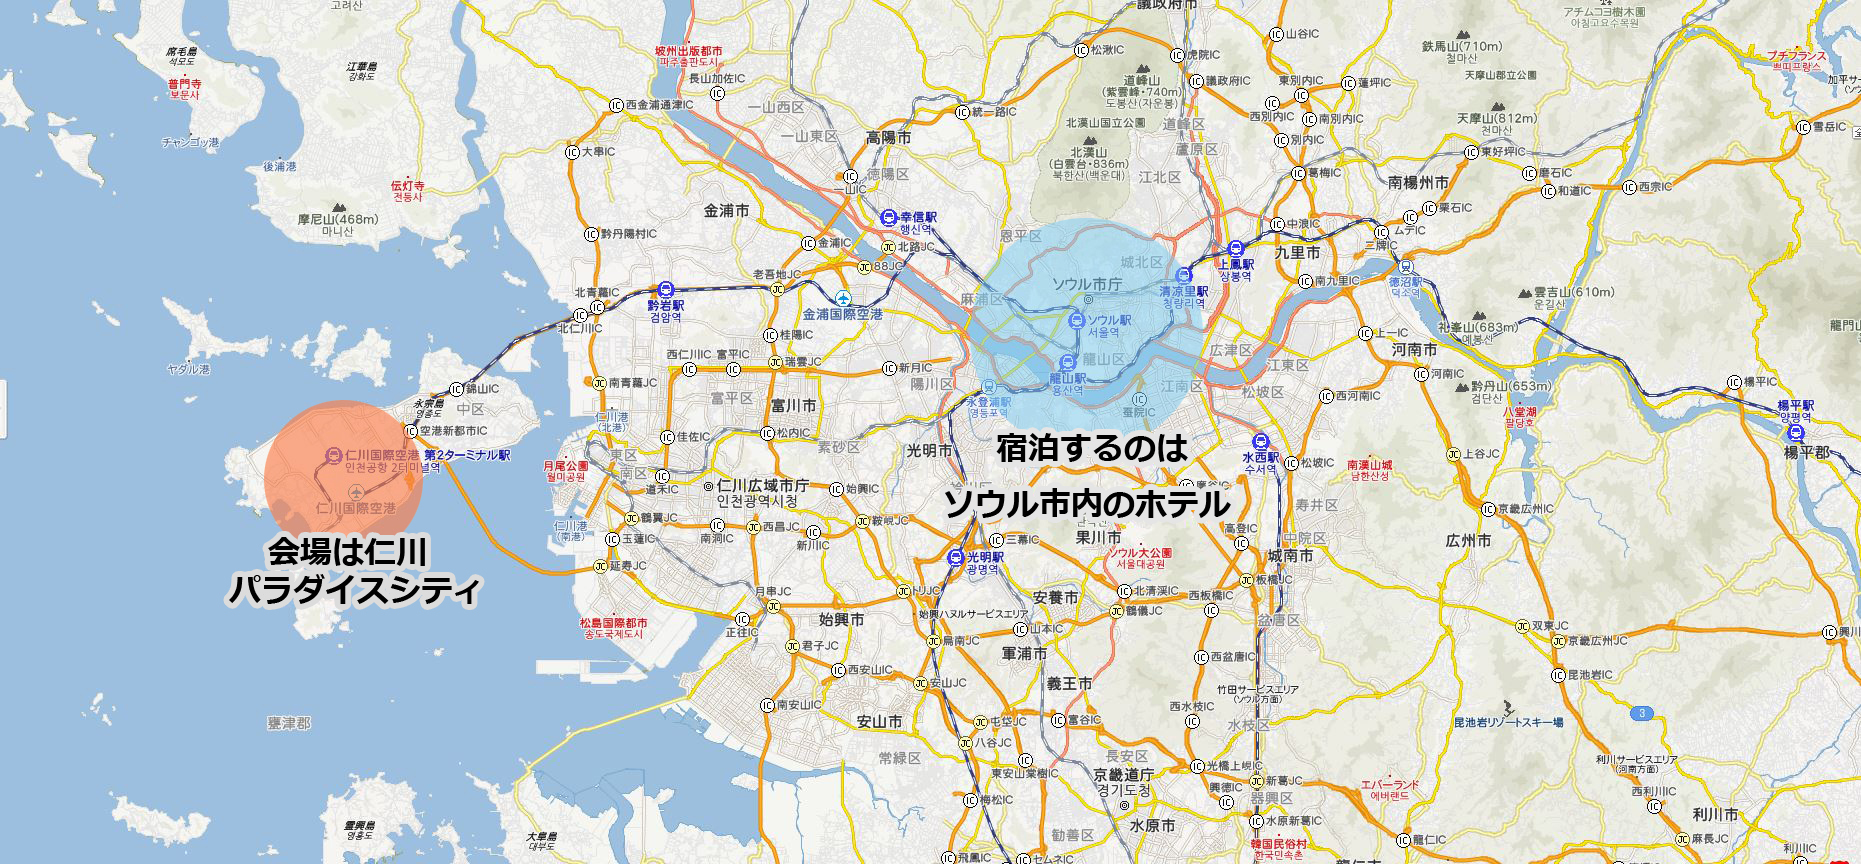 korea map3